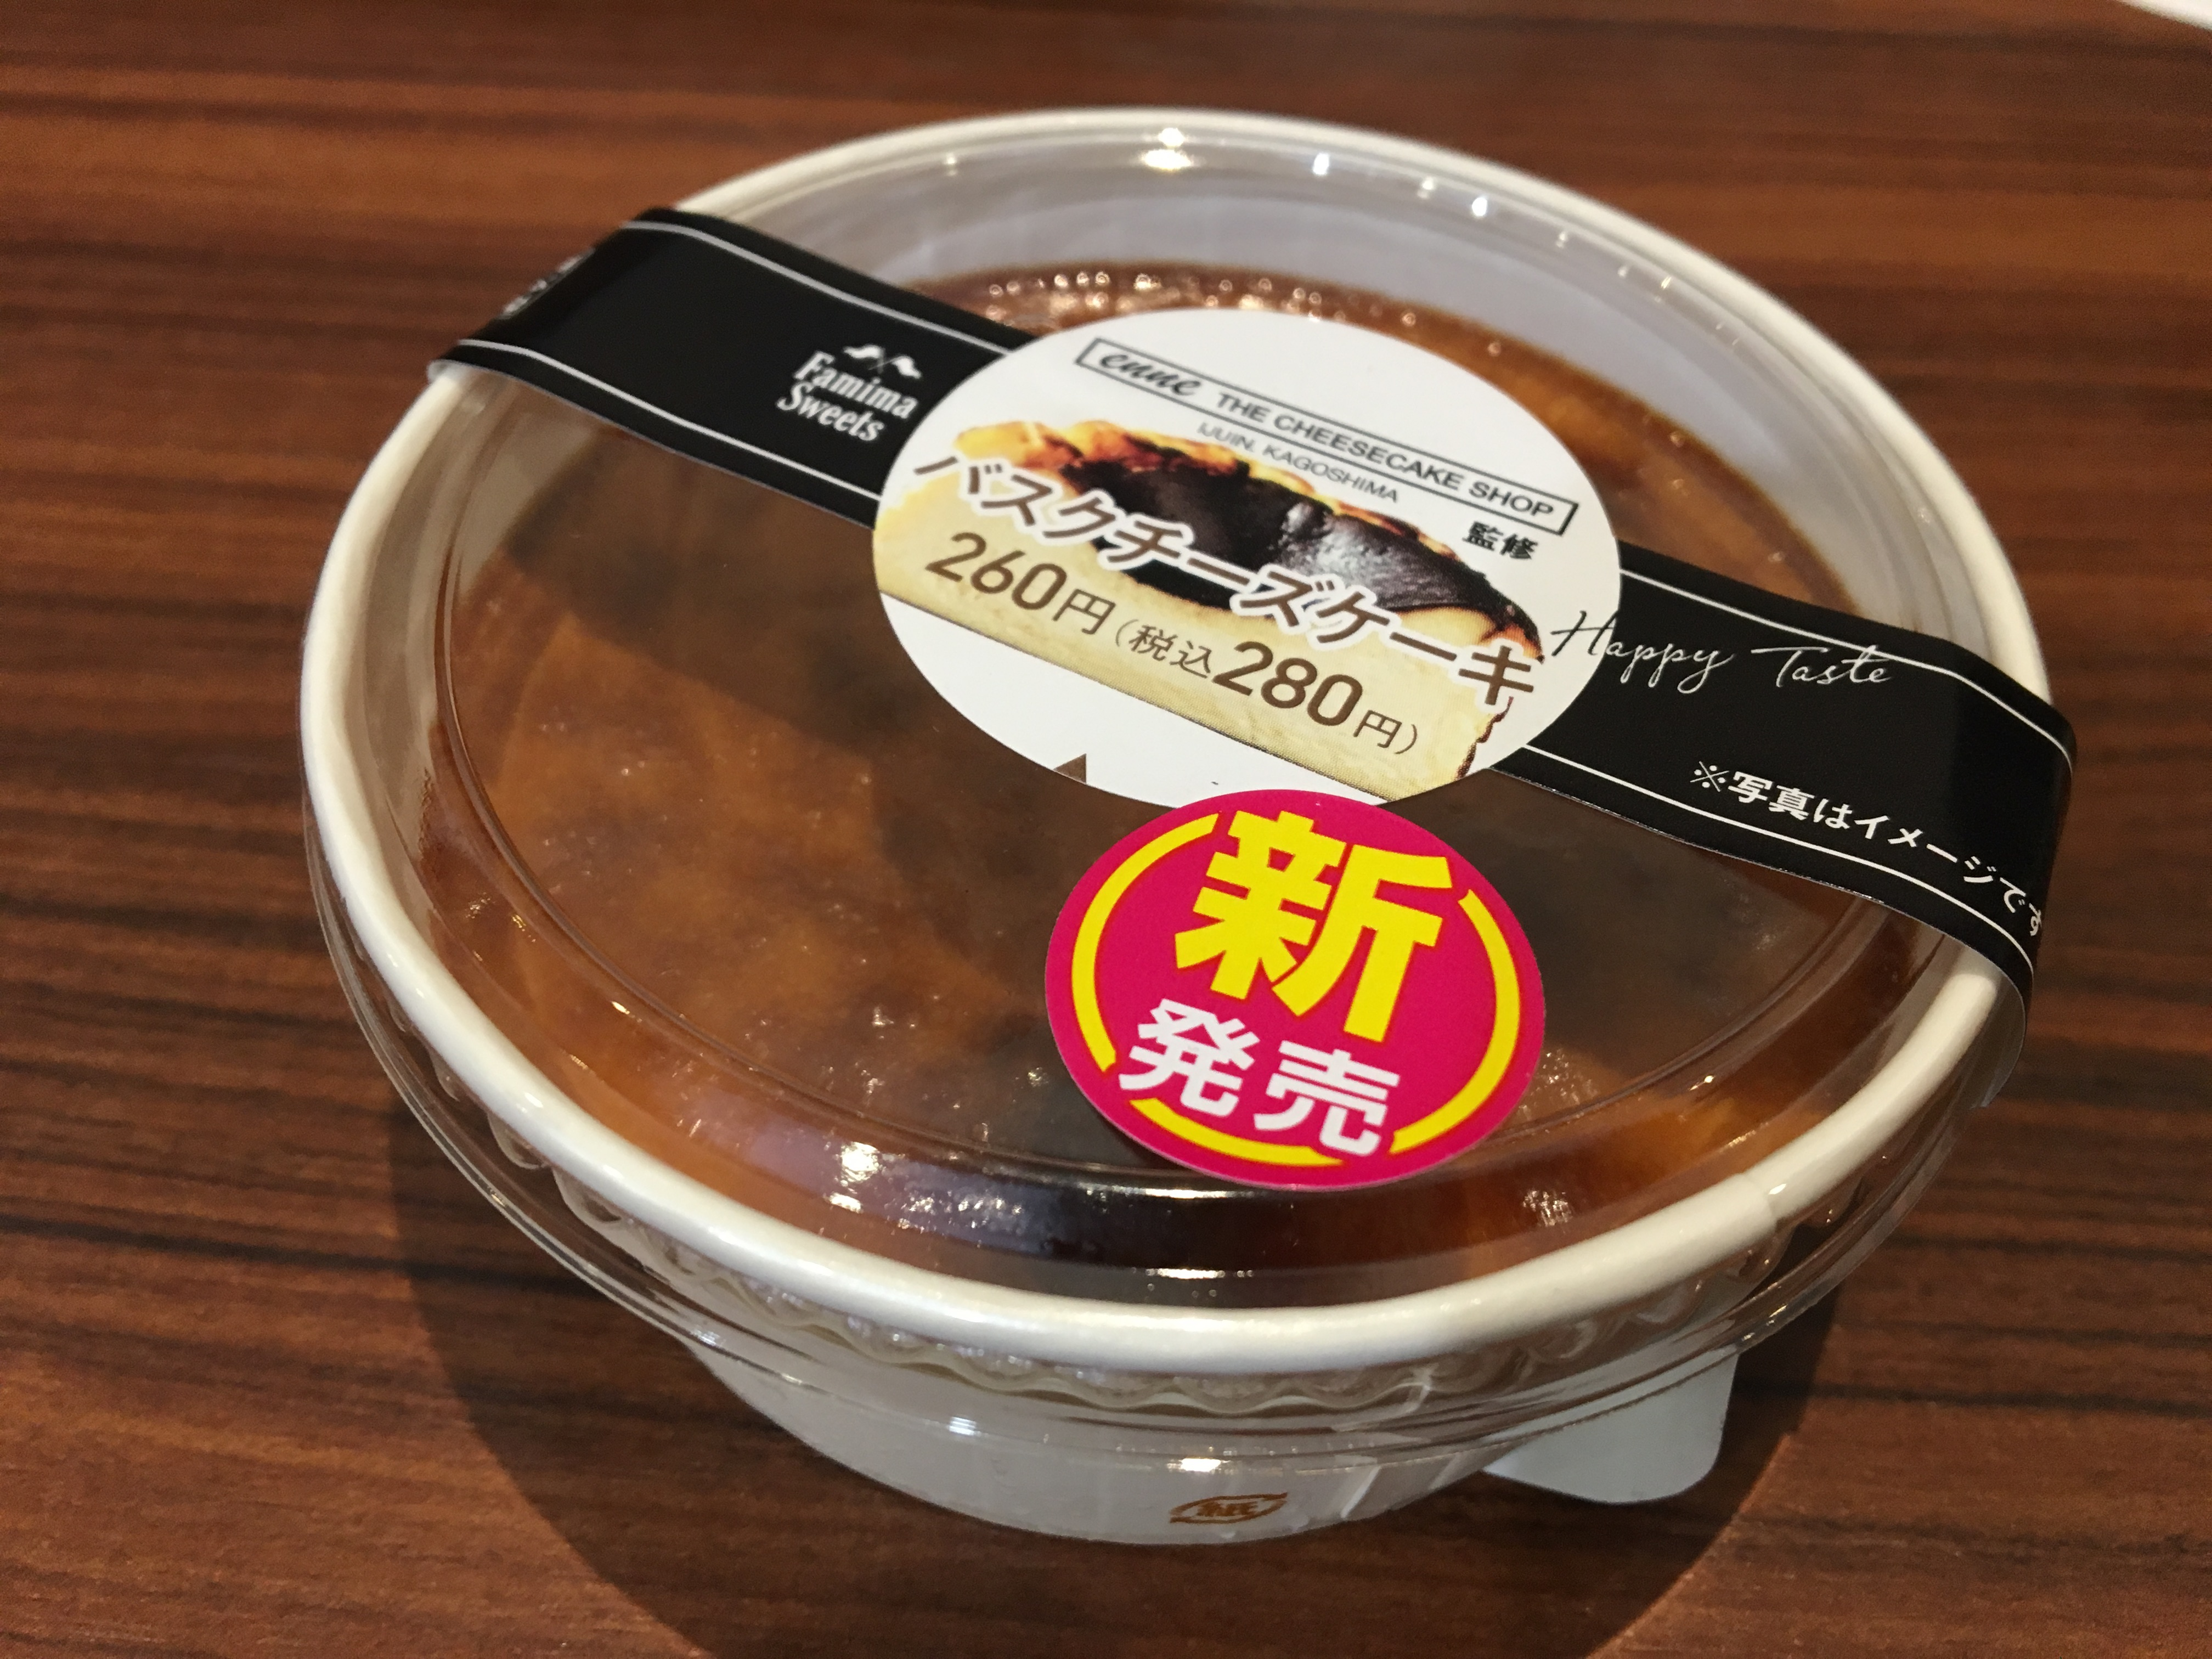 【鹿児島】ファミリーマートと超人気enneのチーズケーキがコラボ!コンビニスイーツ優勝候補間違いない!【期間限定】